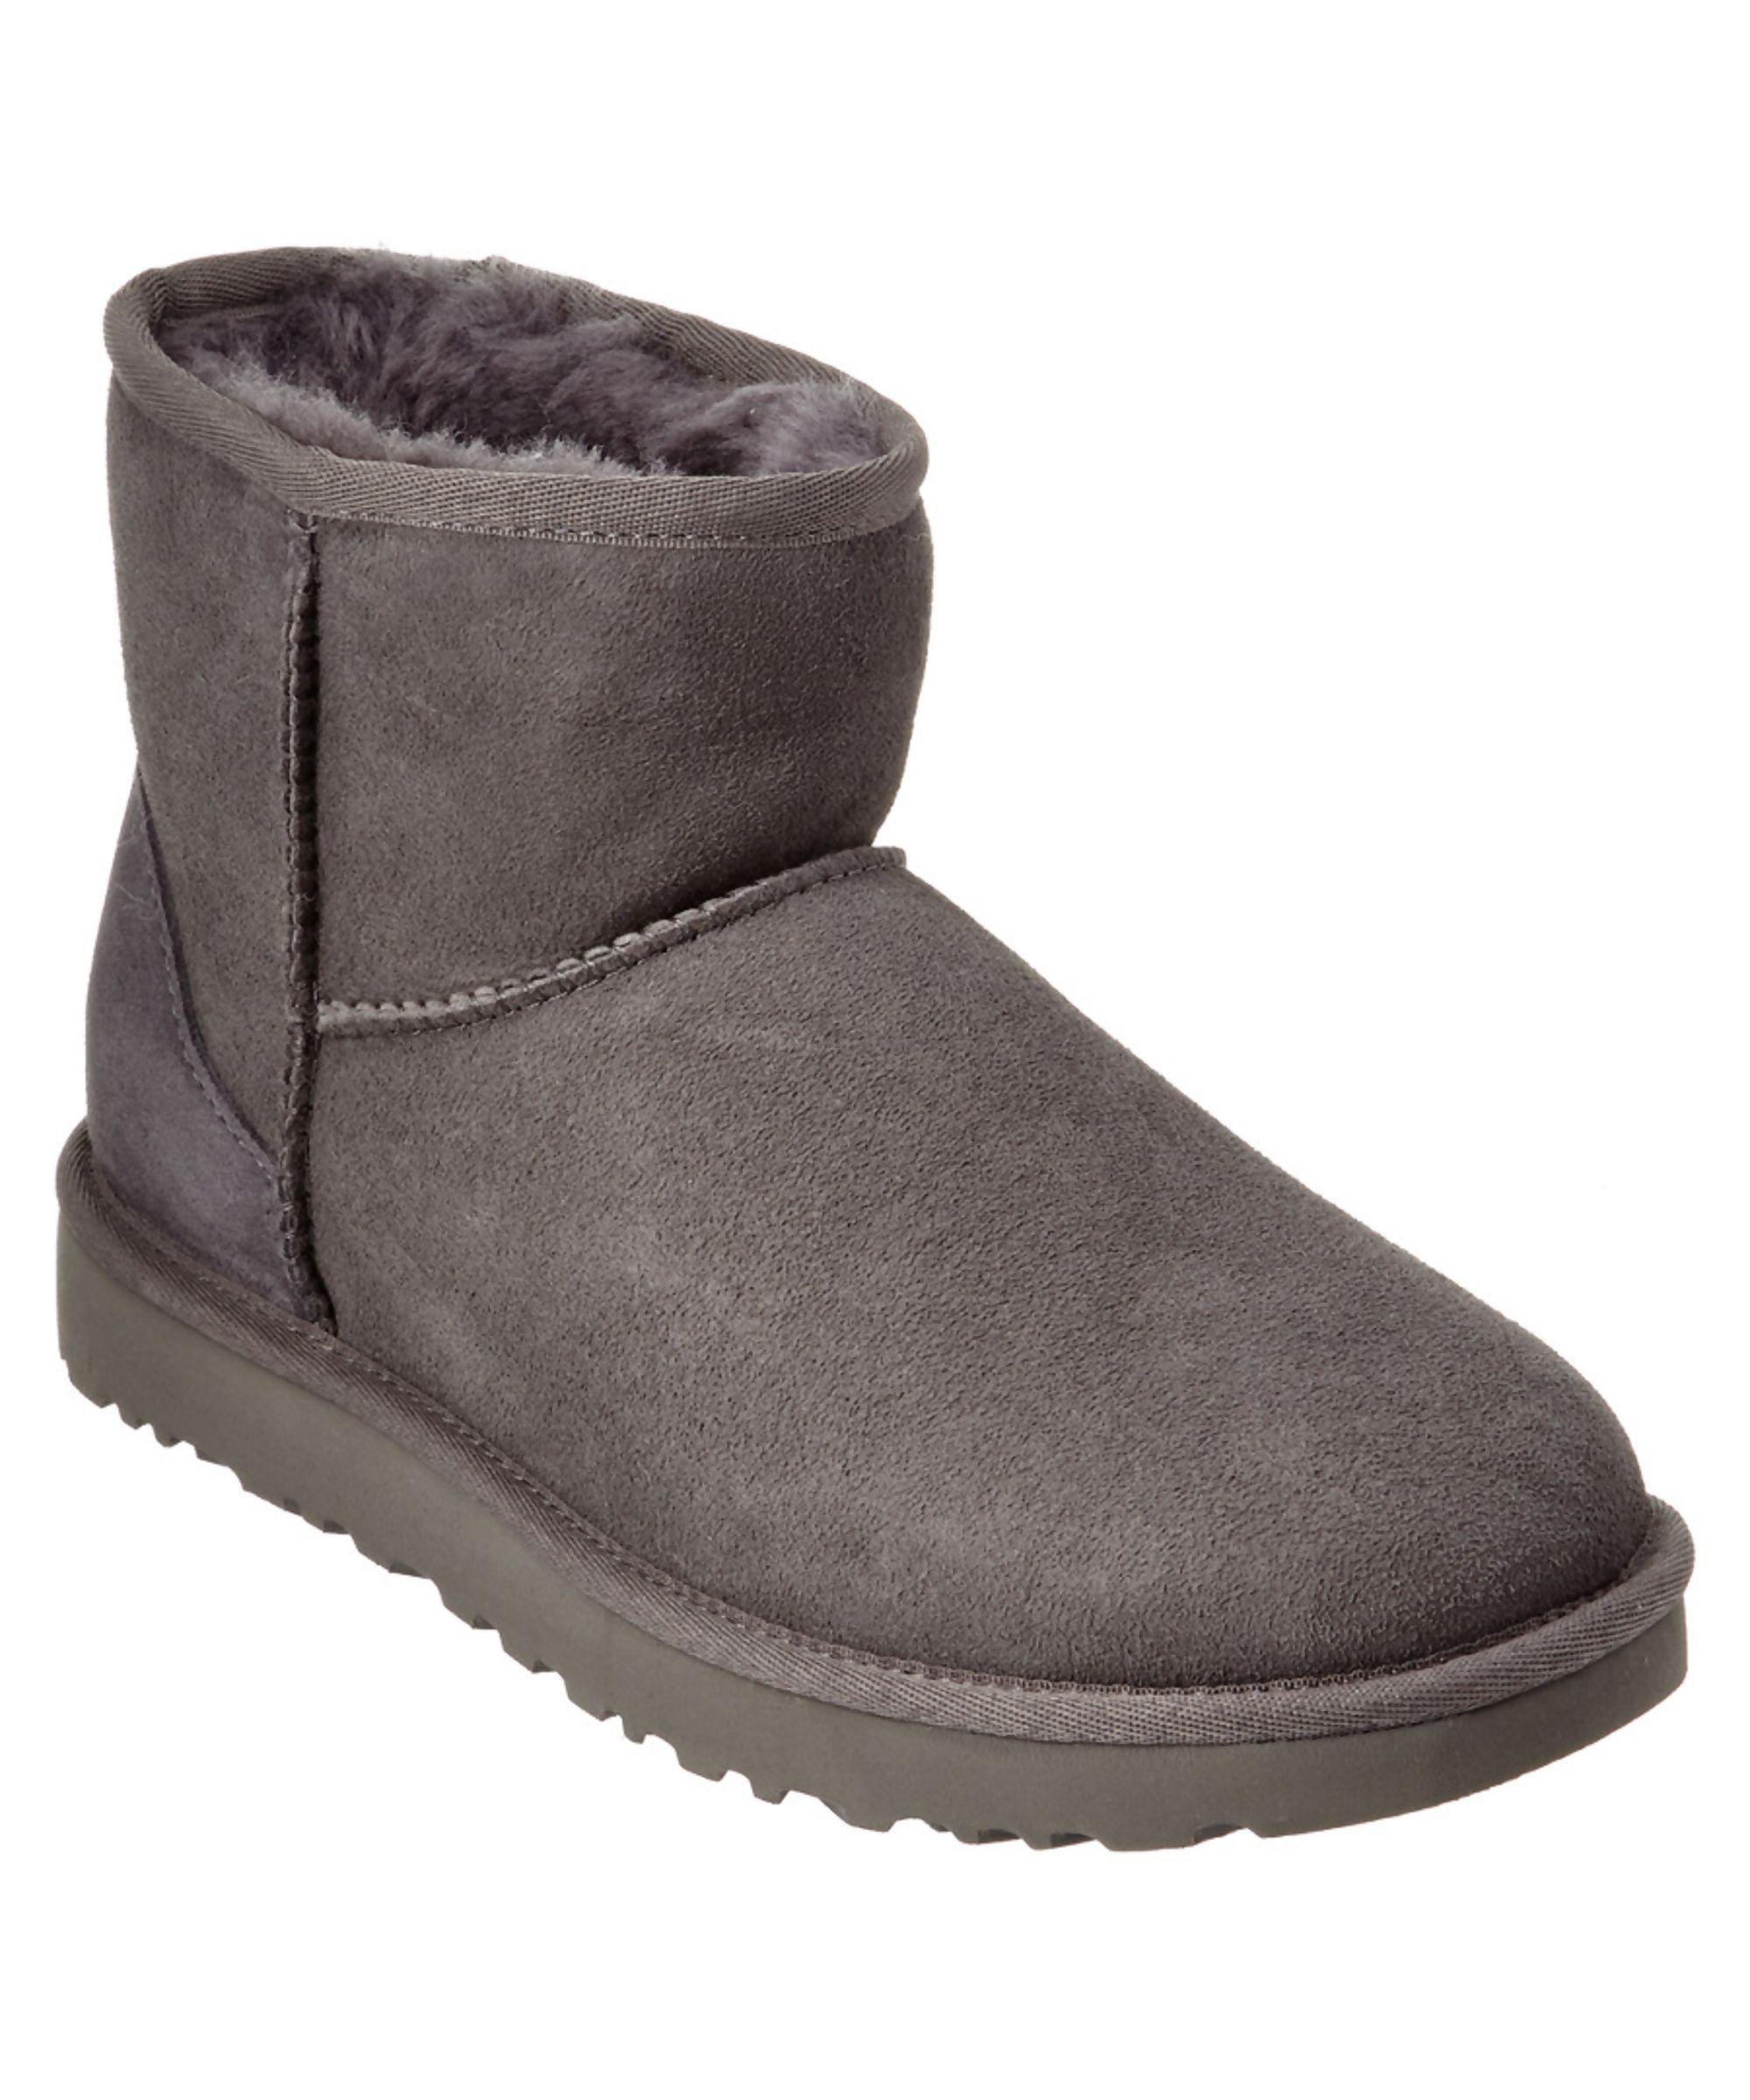 Women's Classic Mini Twin-Face Sheepskin Boots Grey